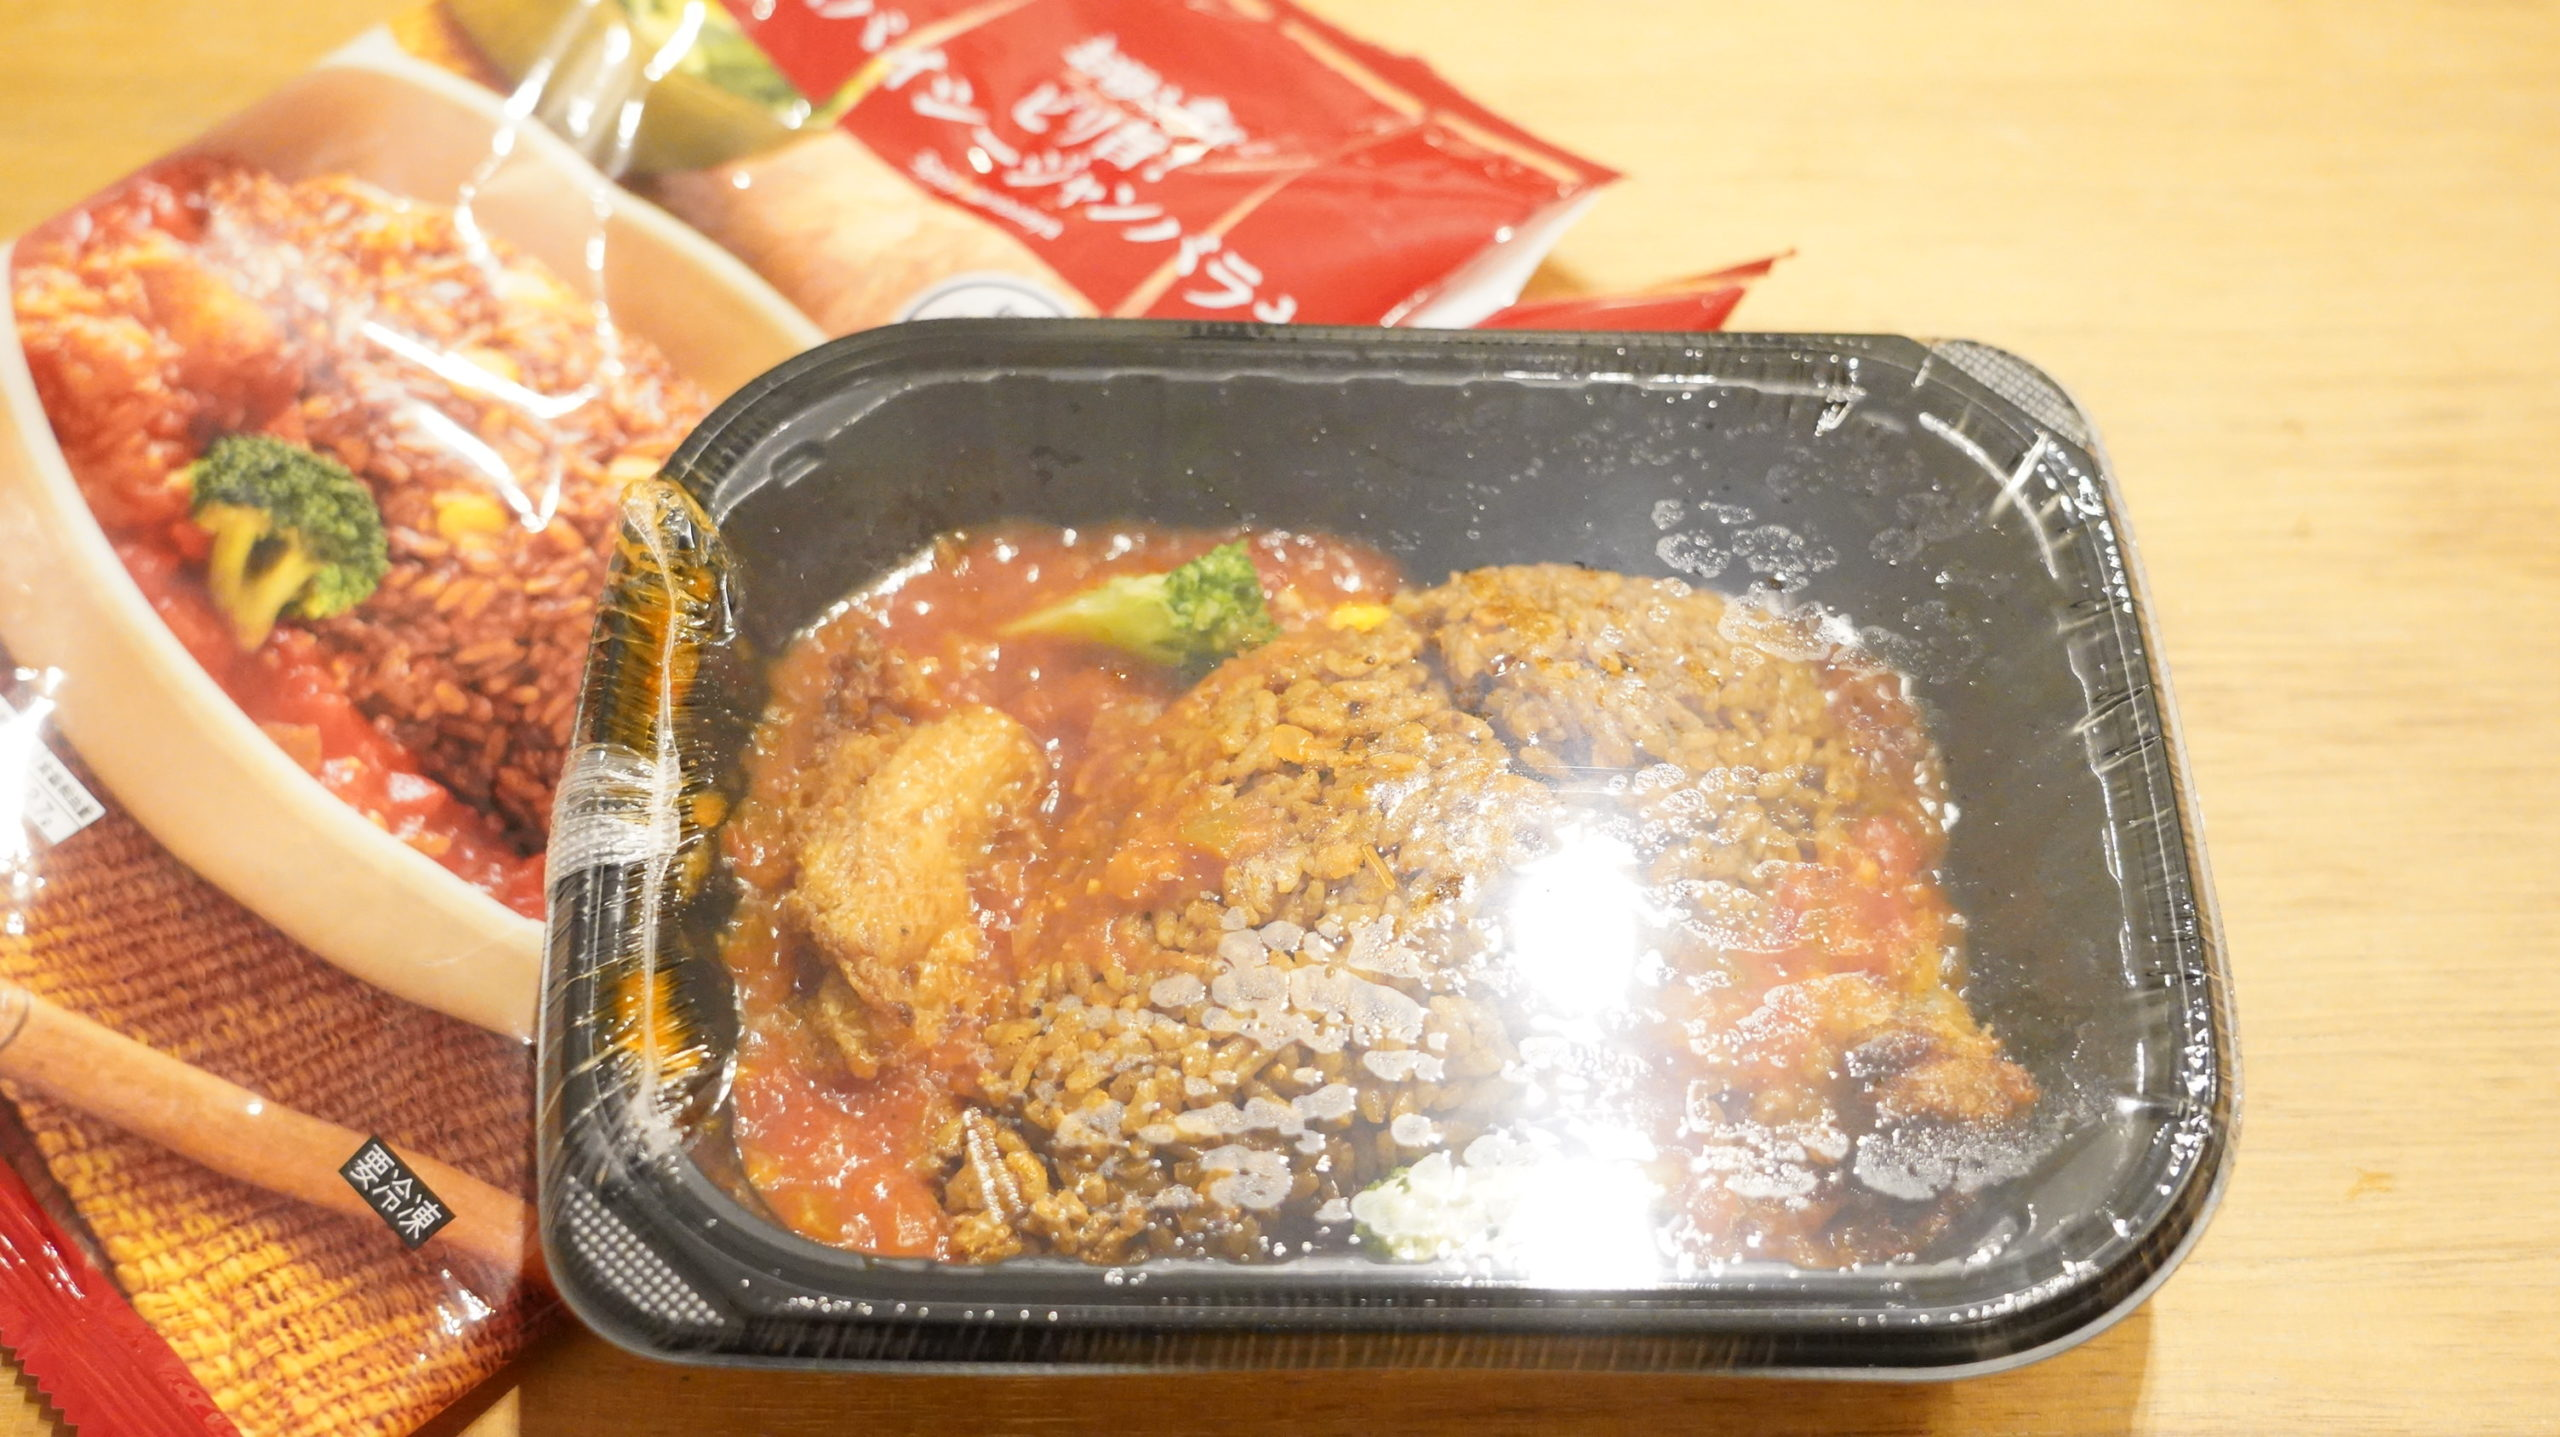 ファミリーマートの冷凍食品「ピリ旨!スパイシージャンバラヤ」の中のトレーの写真